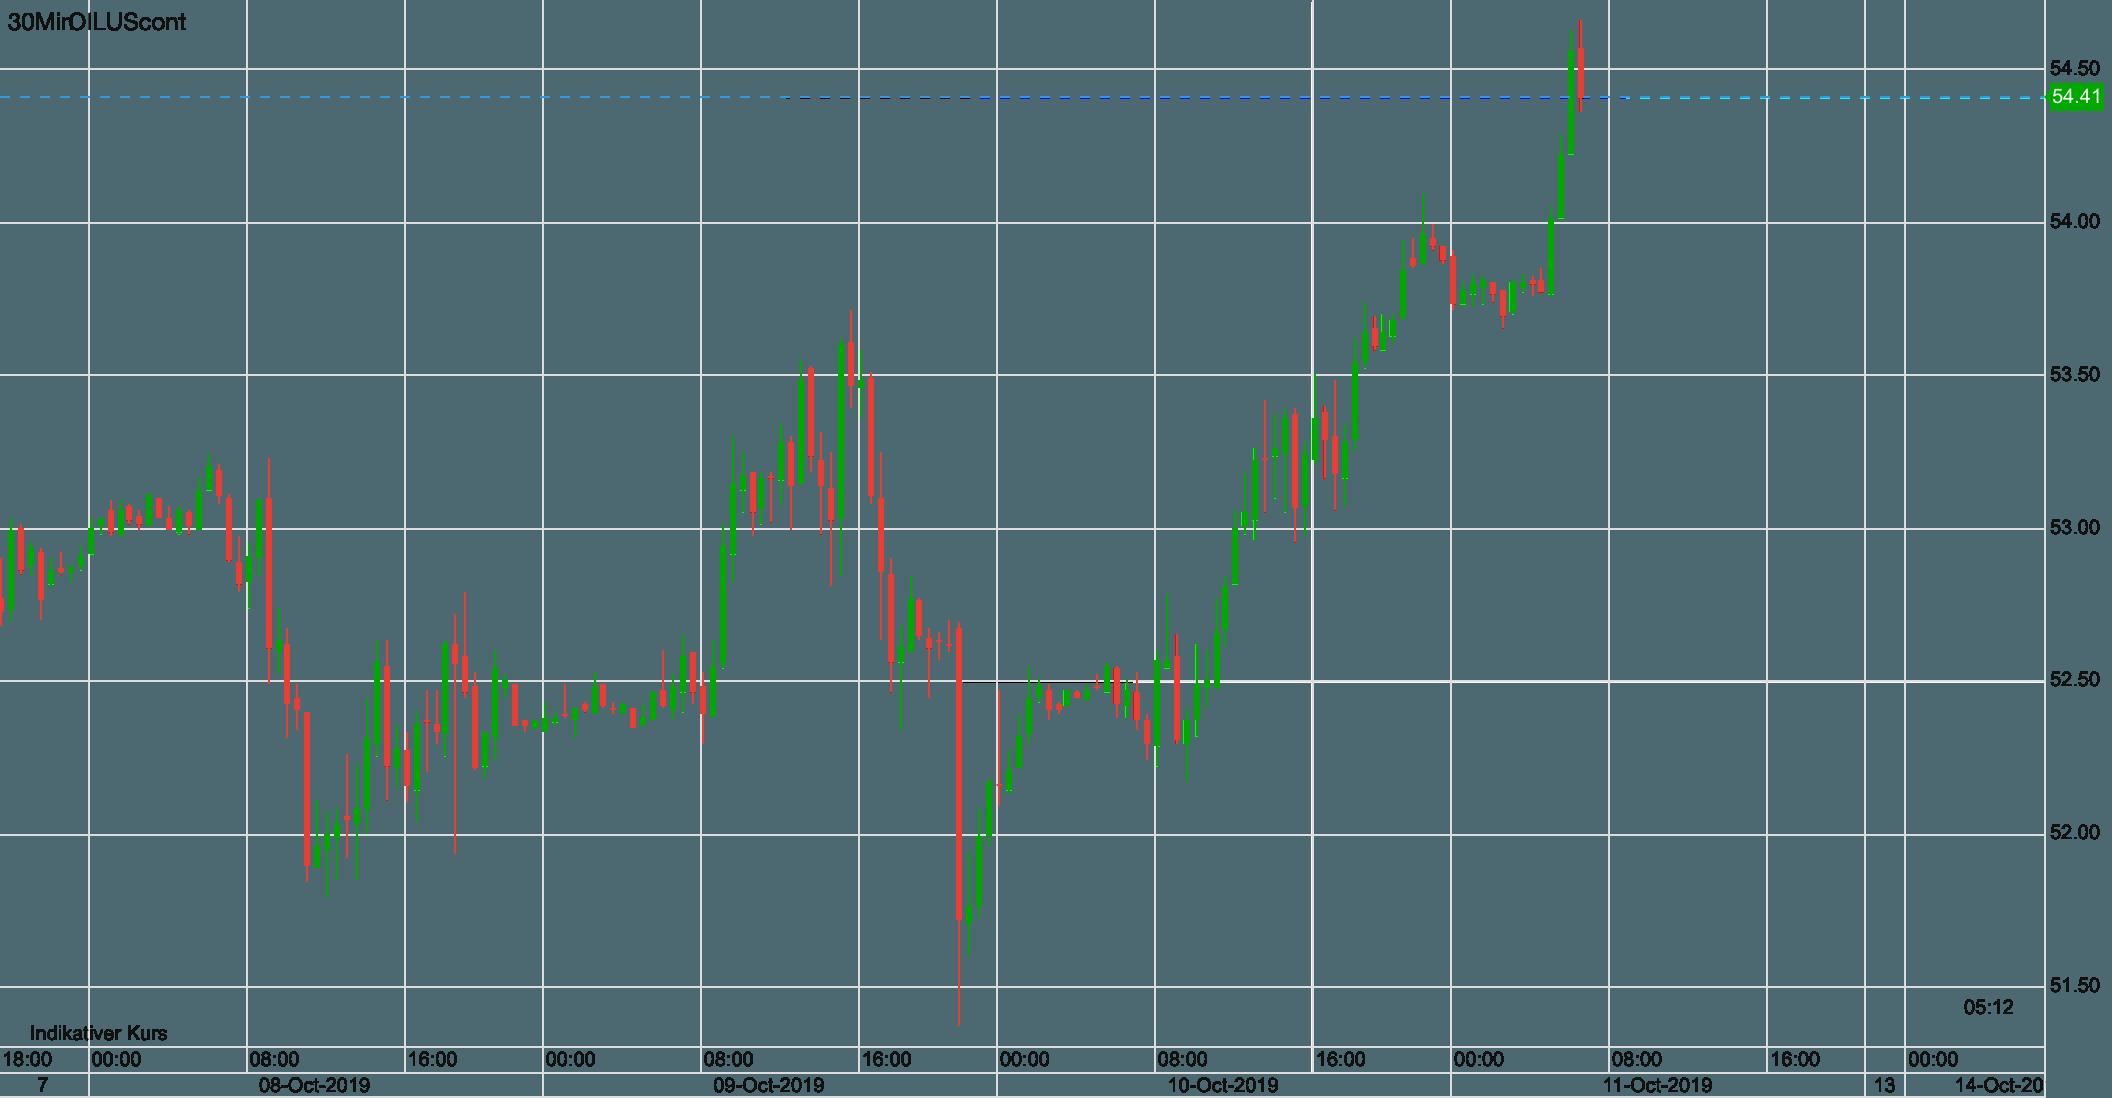 Preisverlauf im WTI-Ölpreis seit Dienstag